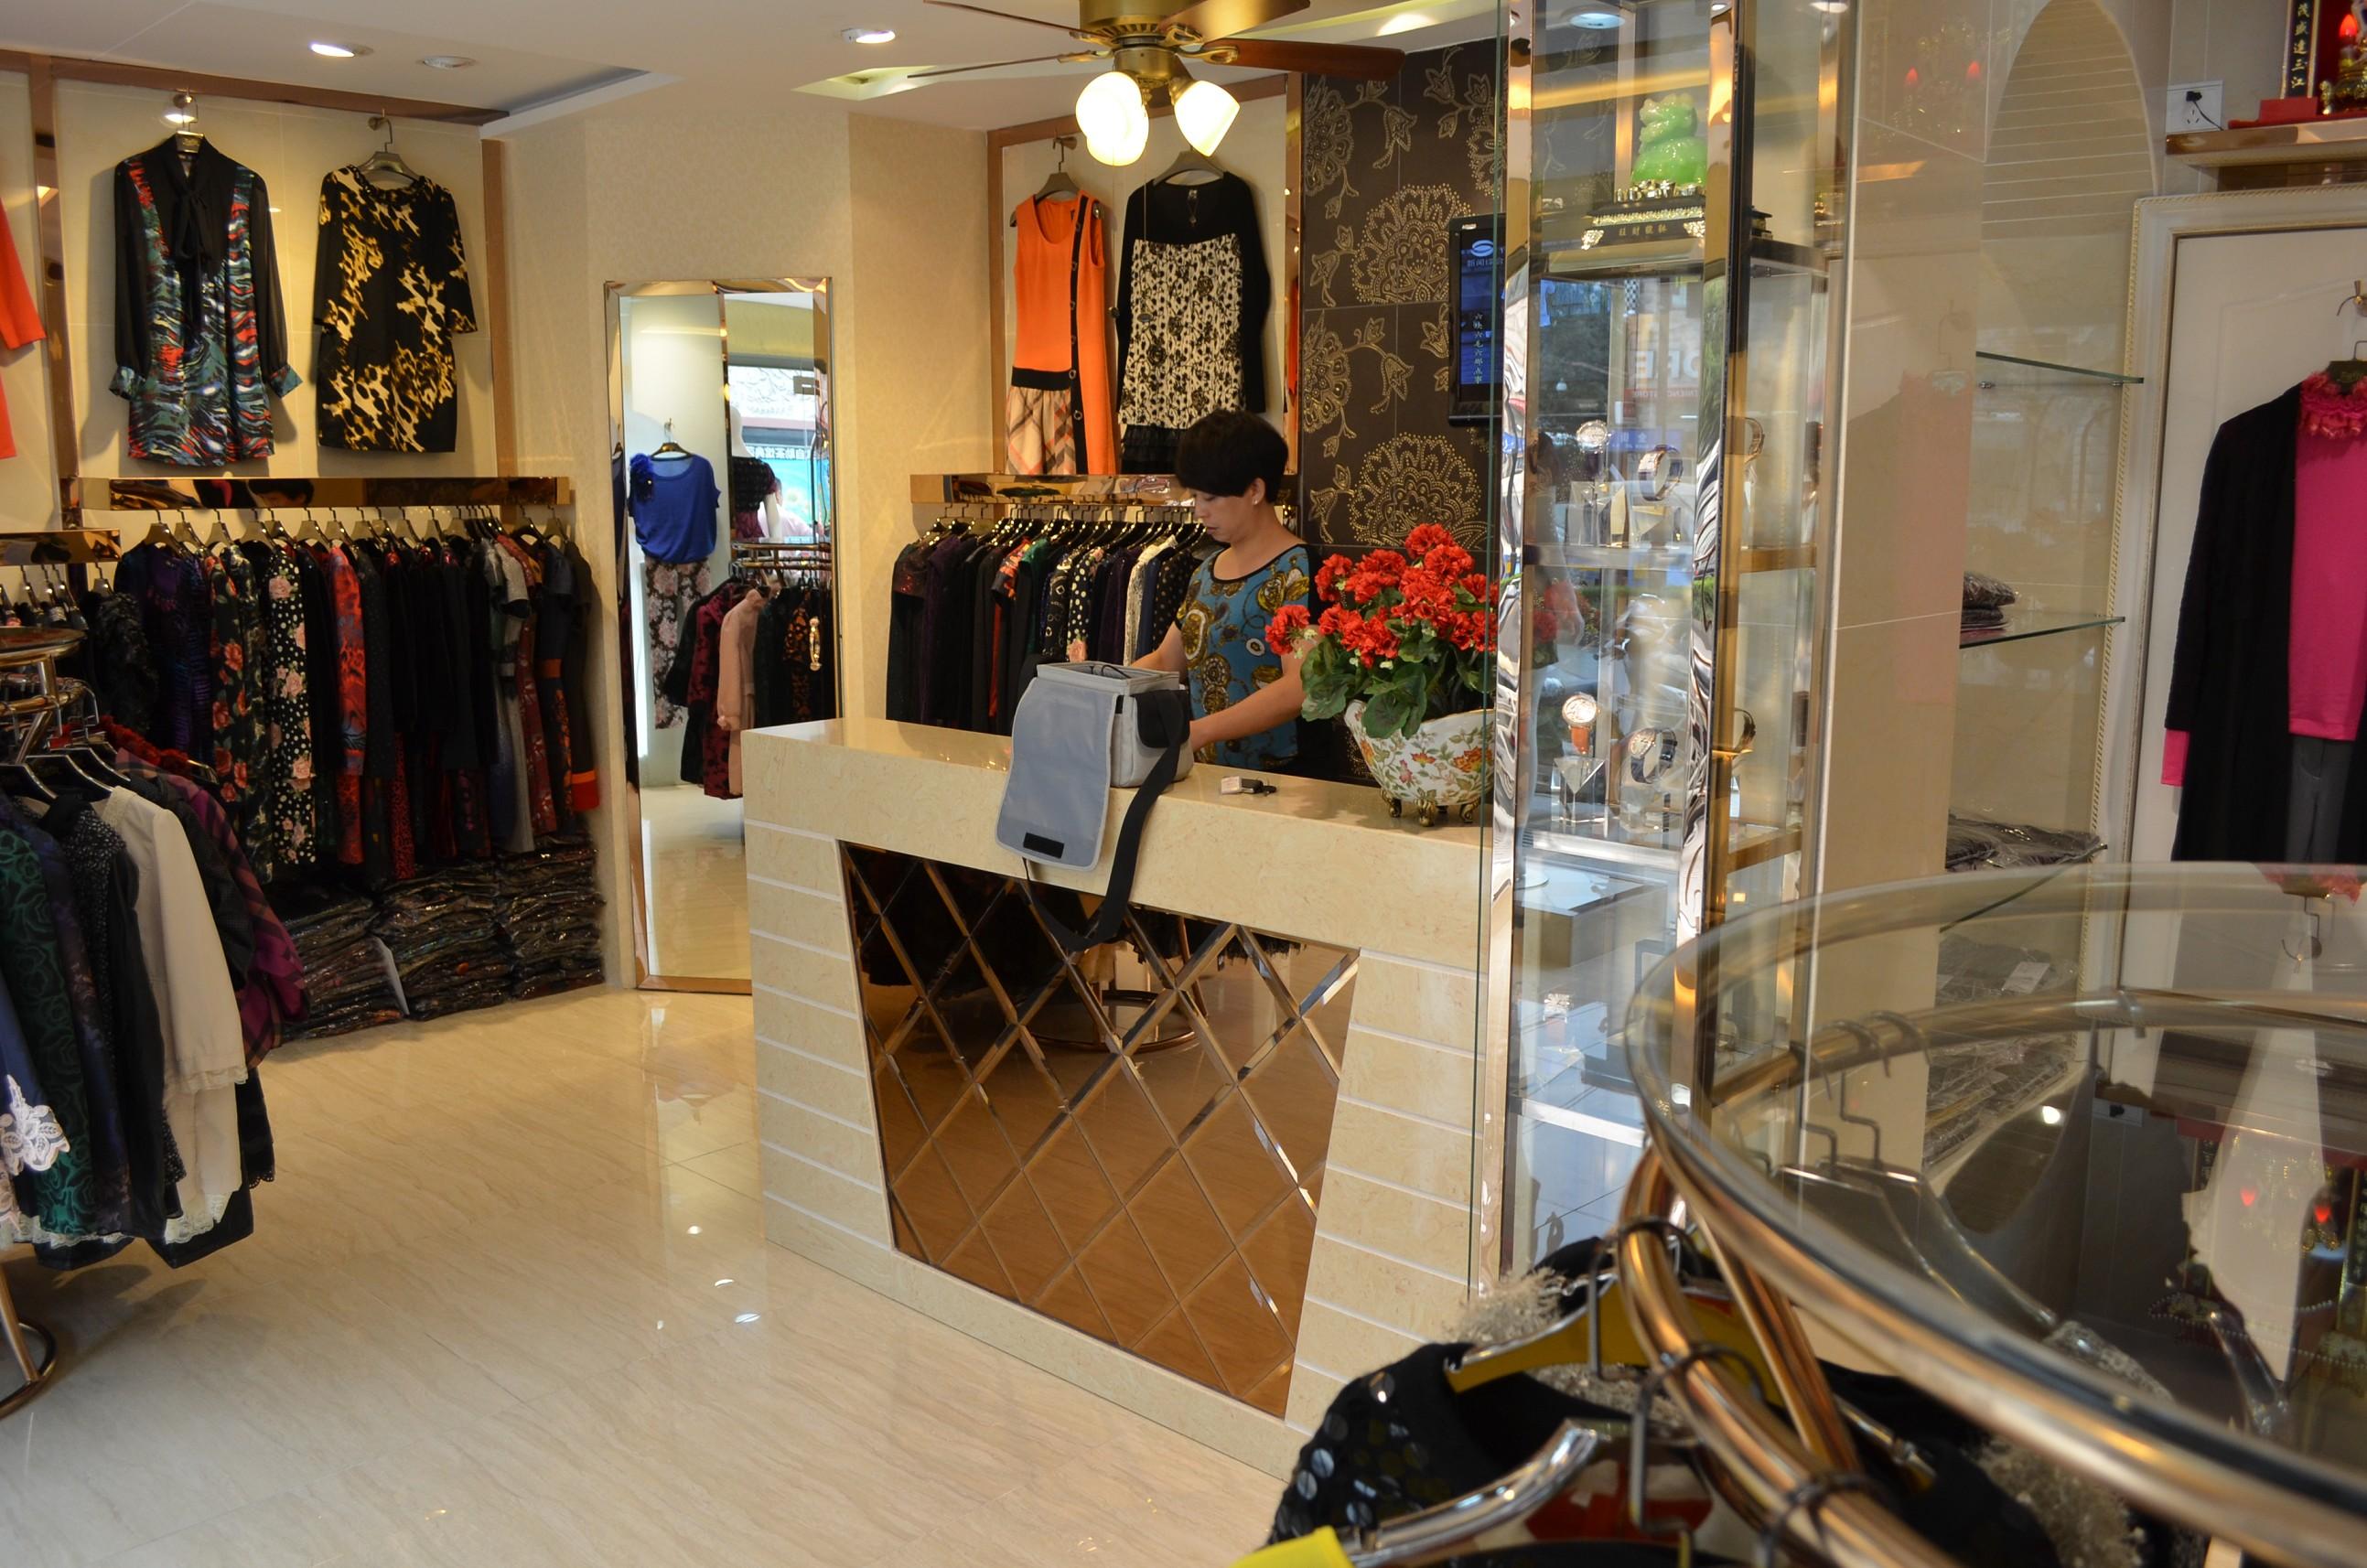 枫雅#十全街服装店铺装修  地区:苏州楼盘:户型:商业空间 风格:欧式